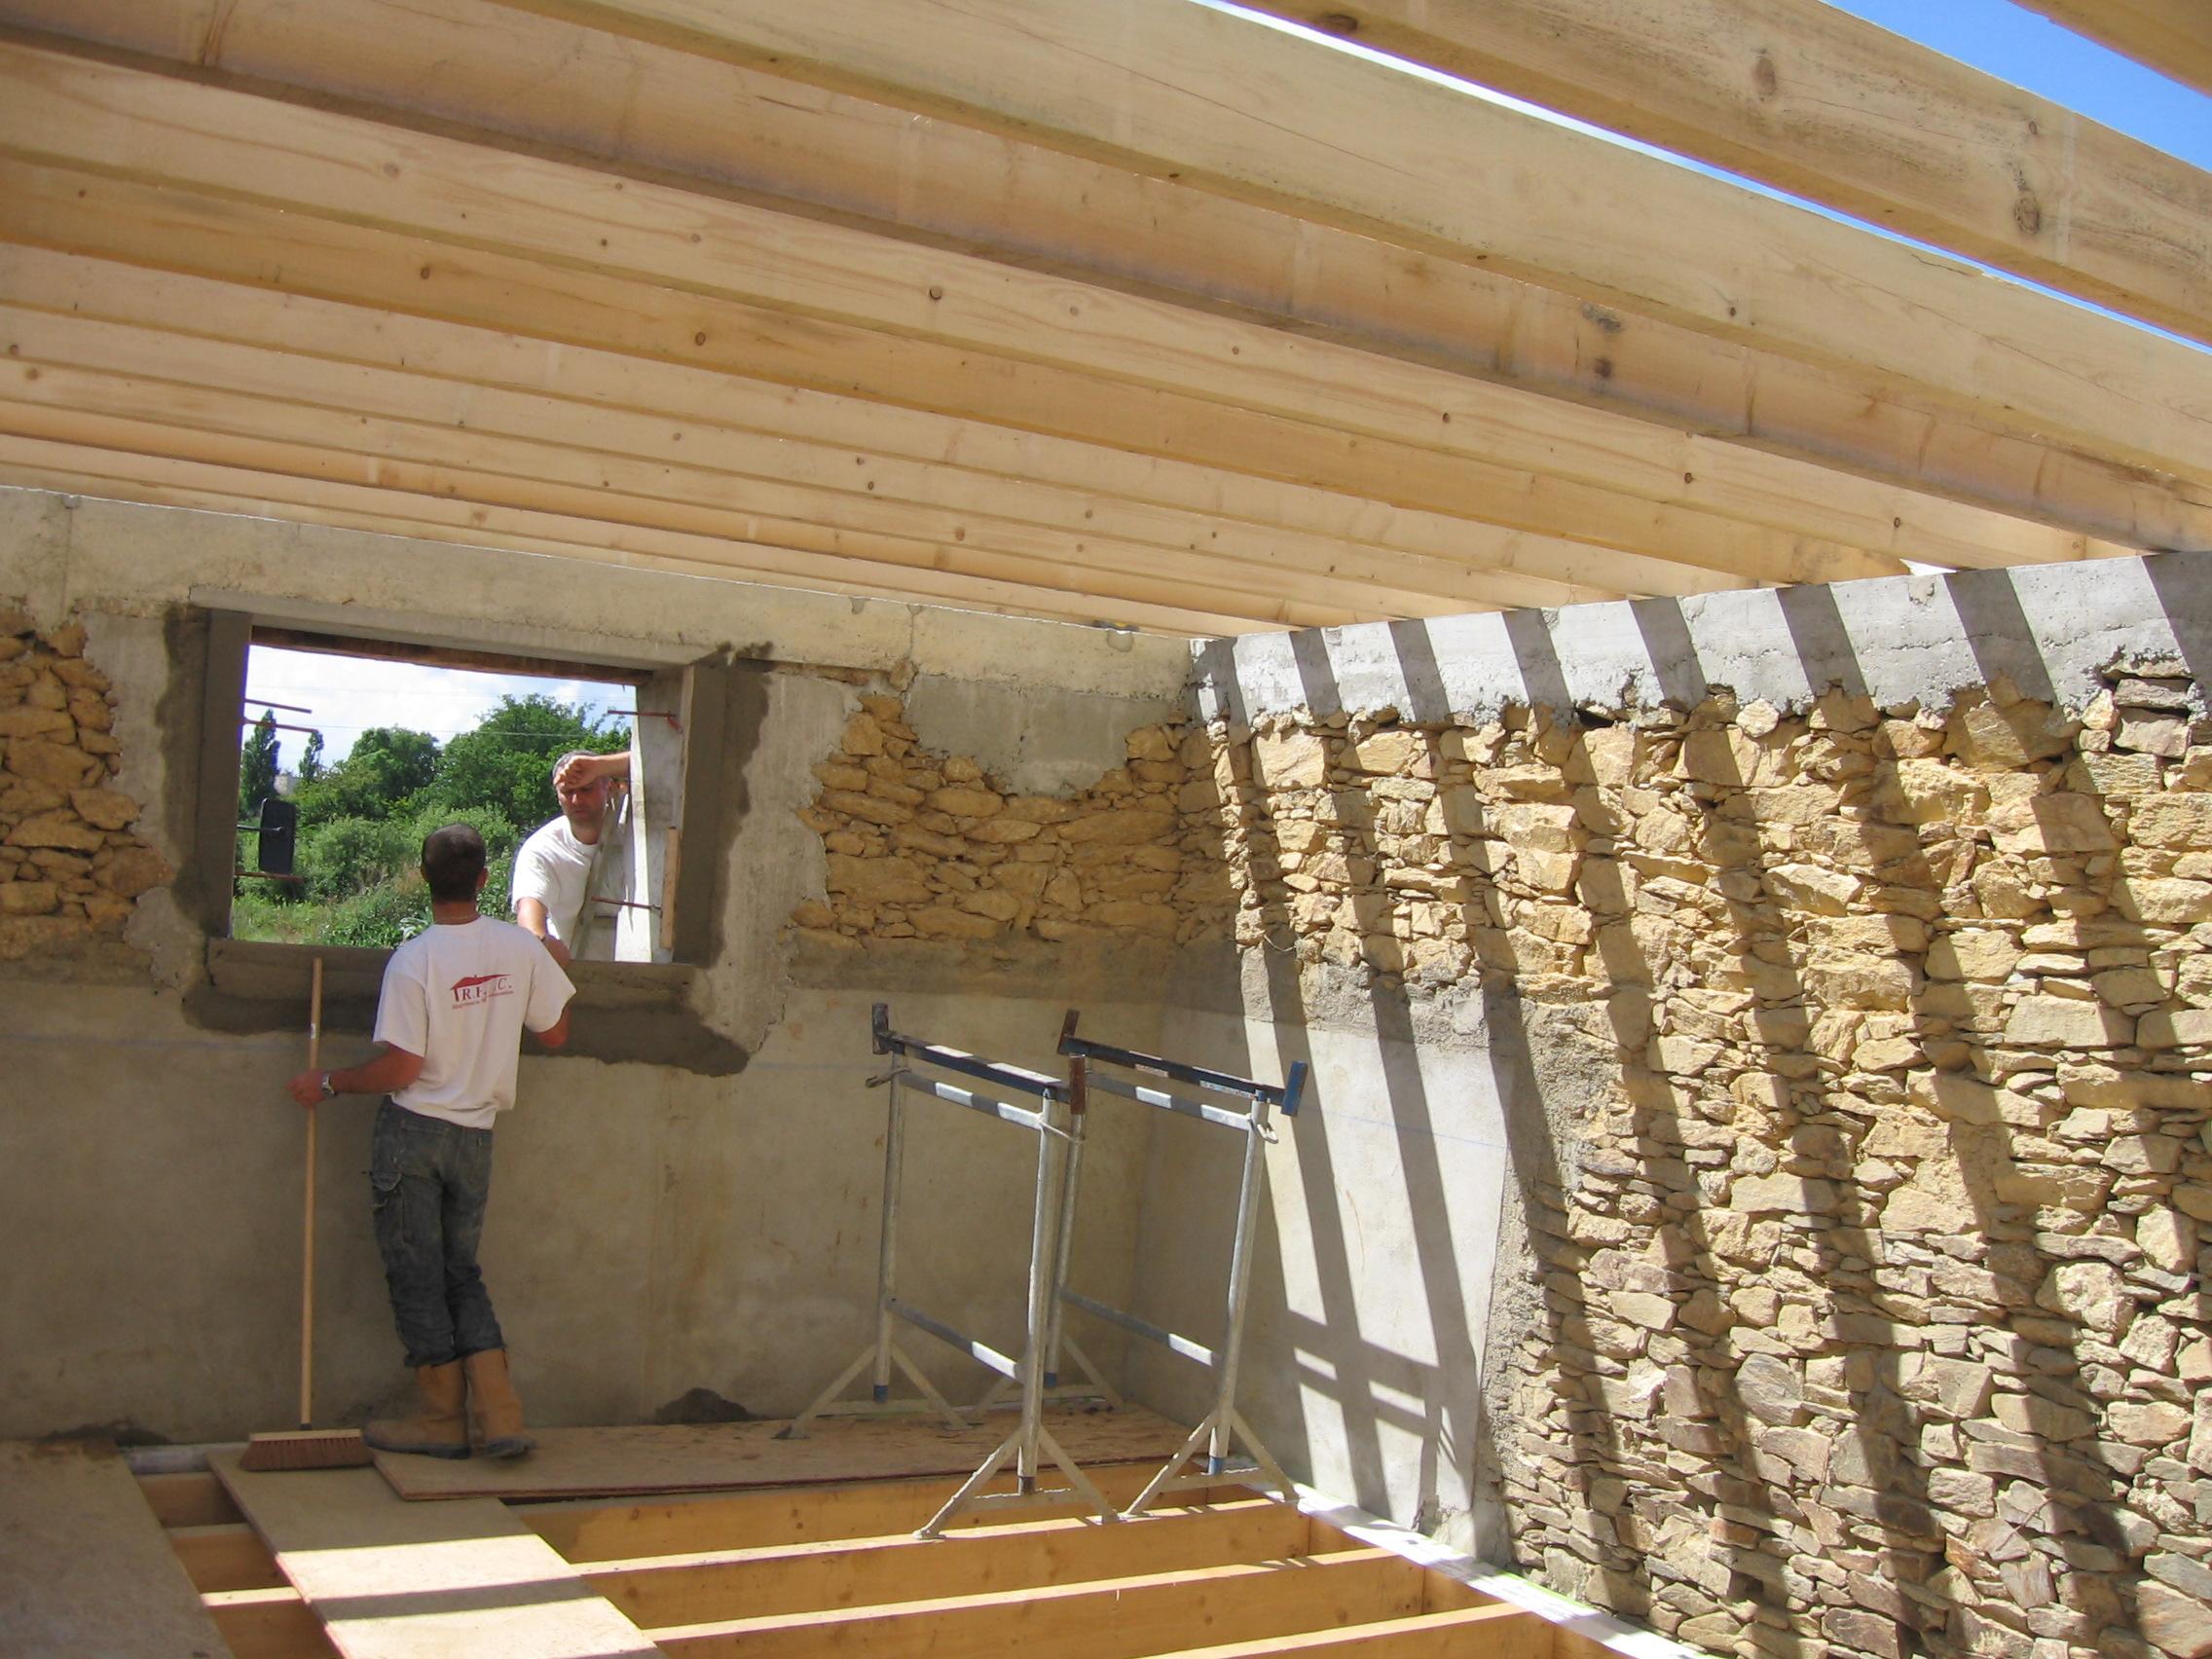 La quenaudais maison bbc 6 le plancher for Construction plancher bois etage